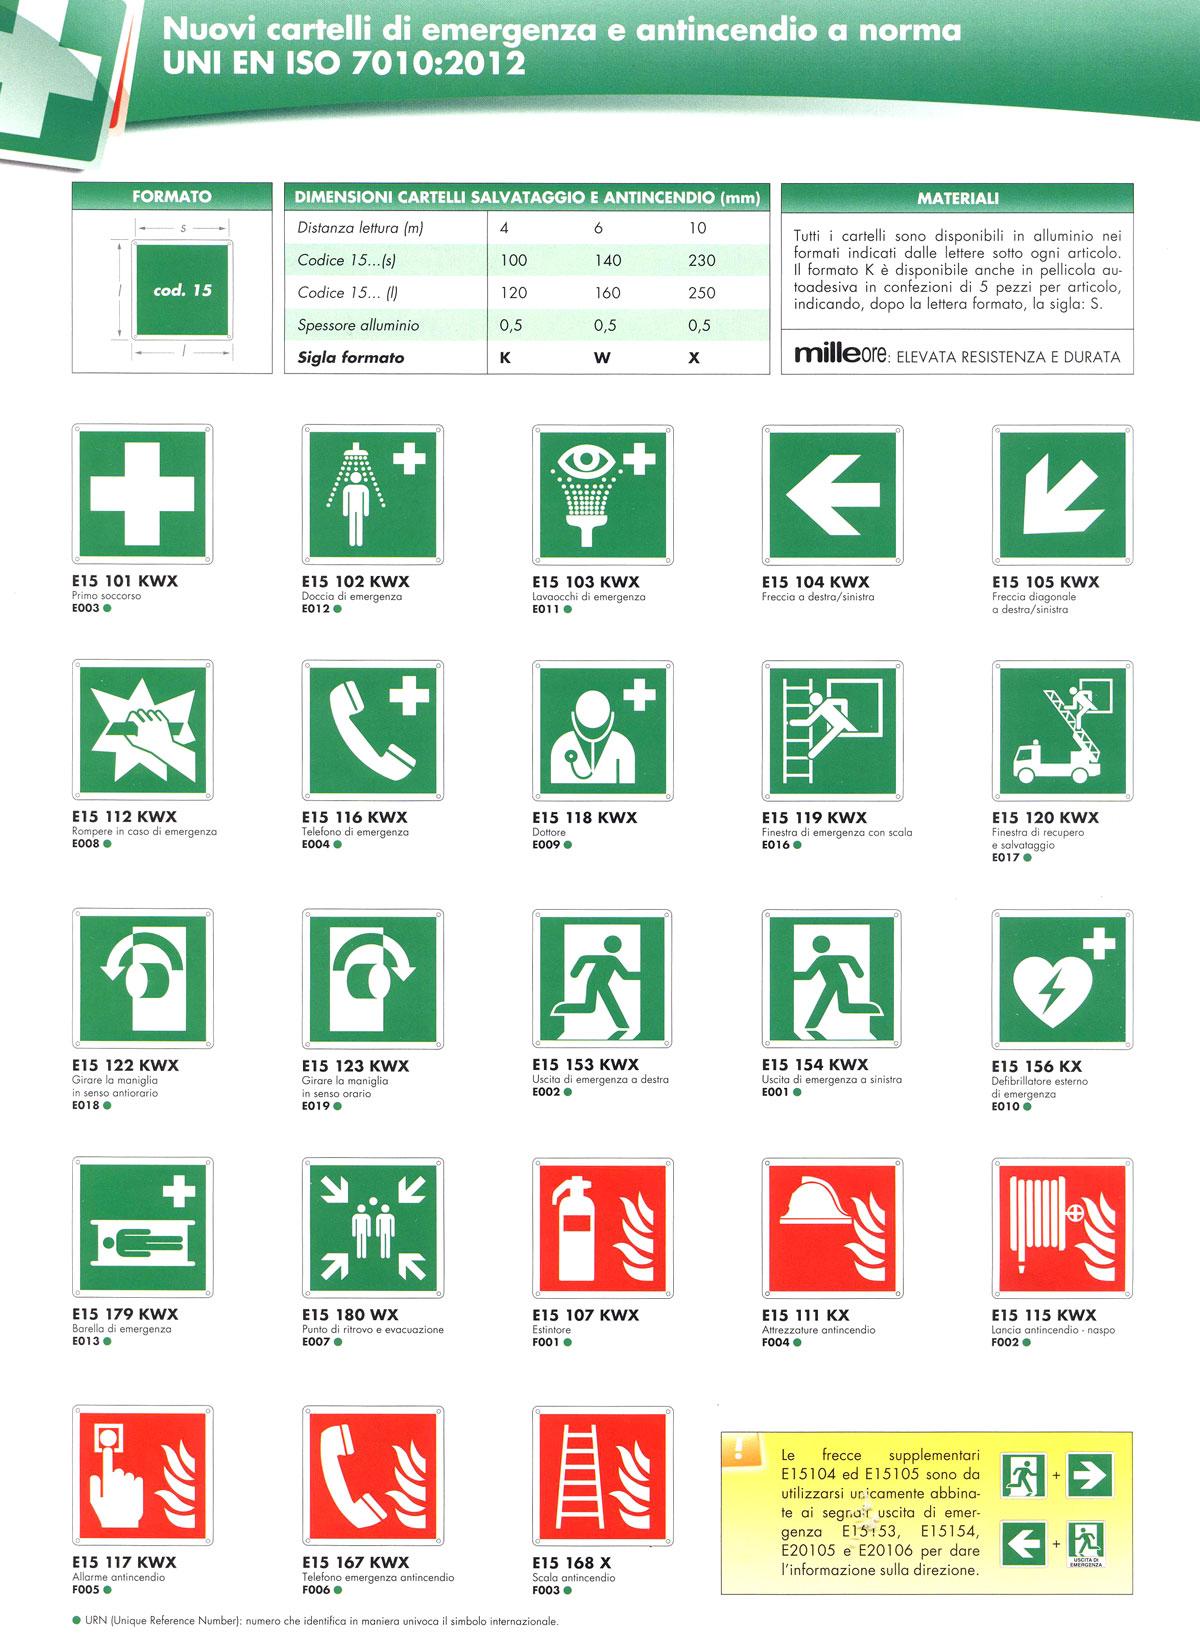 nuovi cartelli di emergenza e antincendio a noma UNI EN ISO 7010:2012